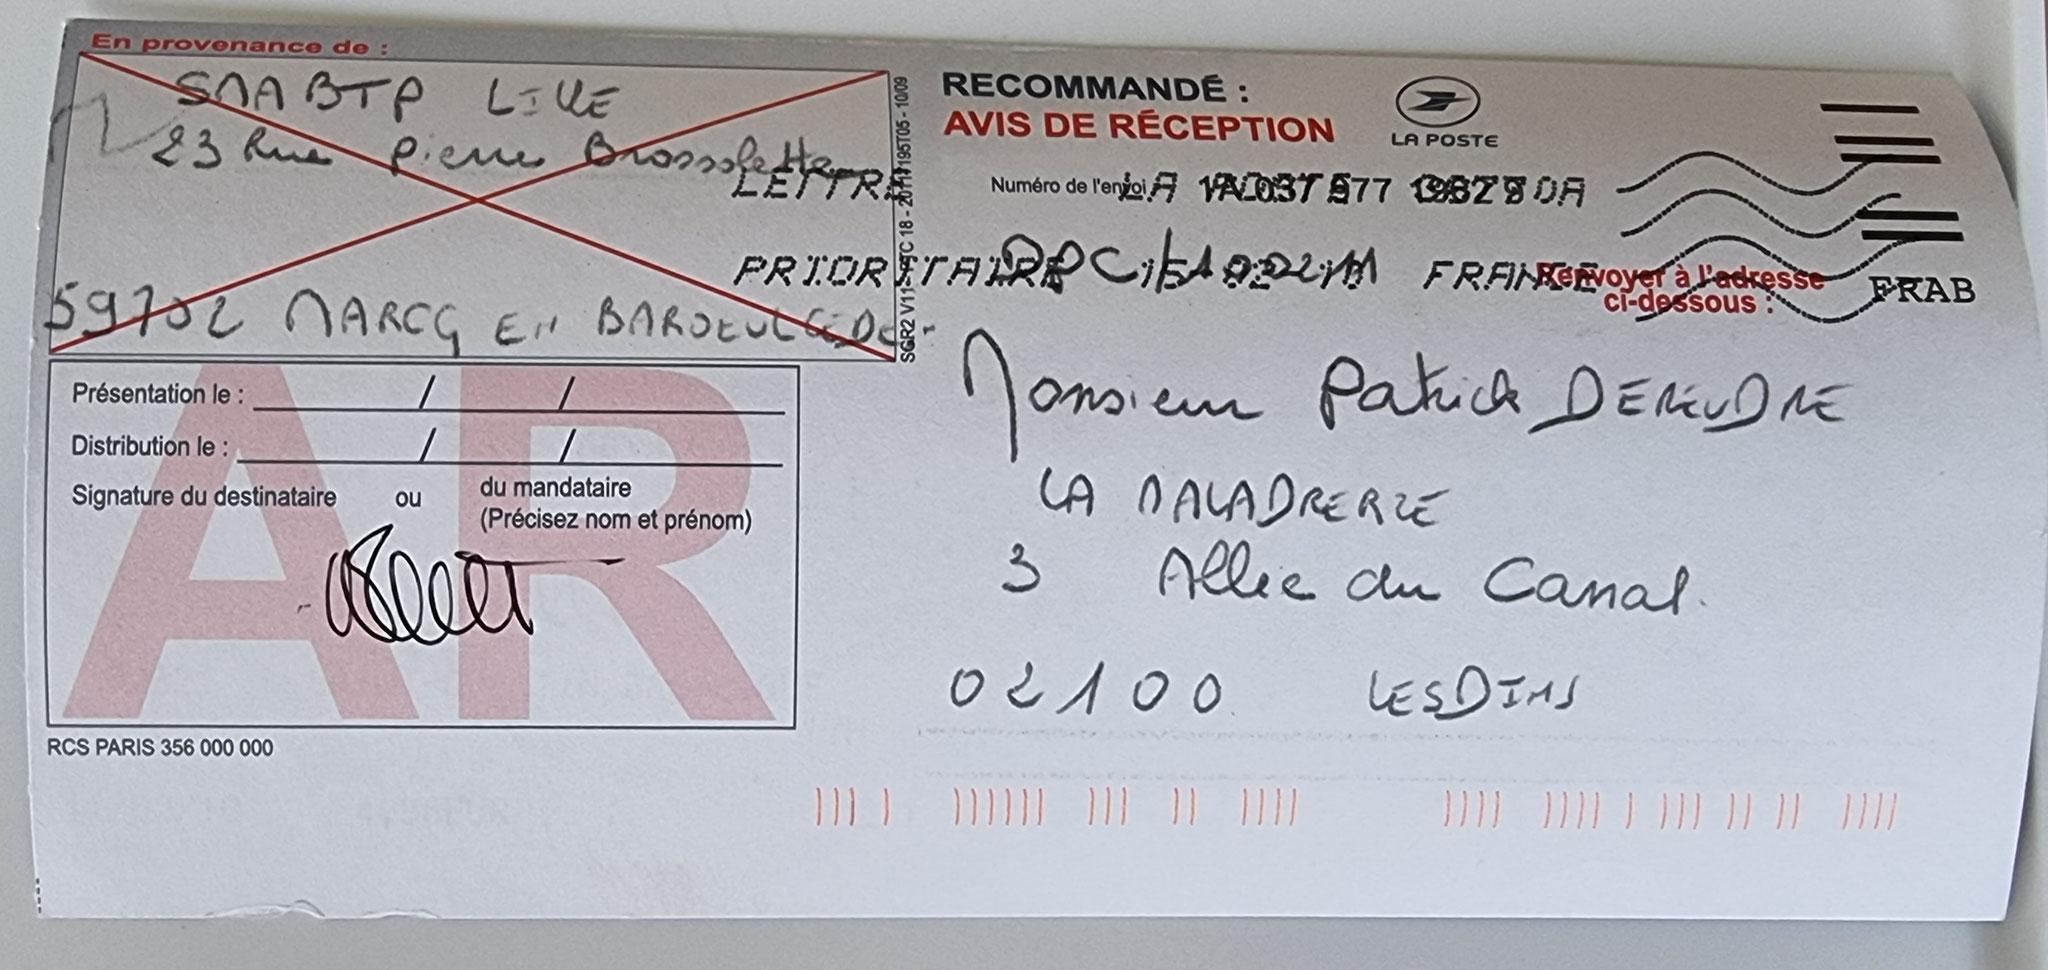 Le 11 Février 2010 j'adresse une LRAR à la SMABTP à Marcq-En-Baroeul la dommage ouvrage de mon constructeur LE BATISSEUR   BORDERLINE   EXPERTISES JUDICIAIRES ENTRE COPAINS...  www.jesuisvictime.fr www.jesuispatrick.fr